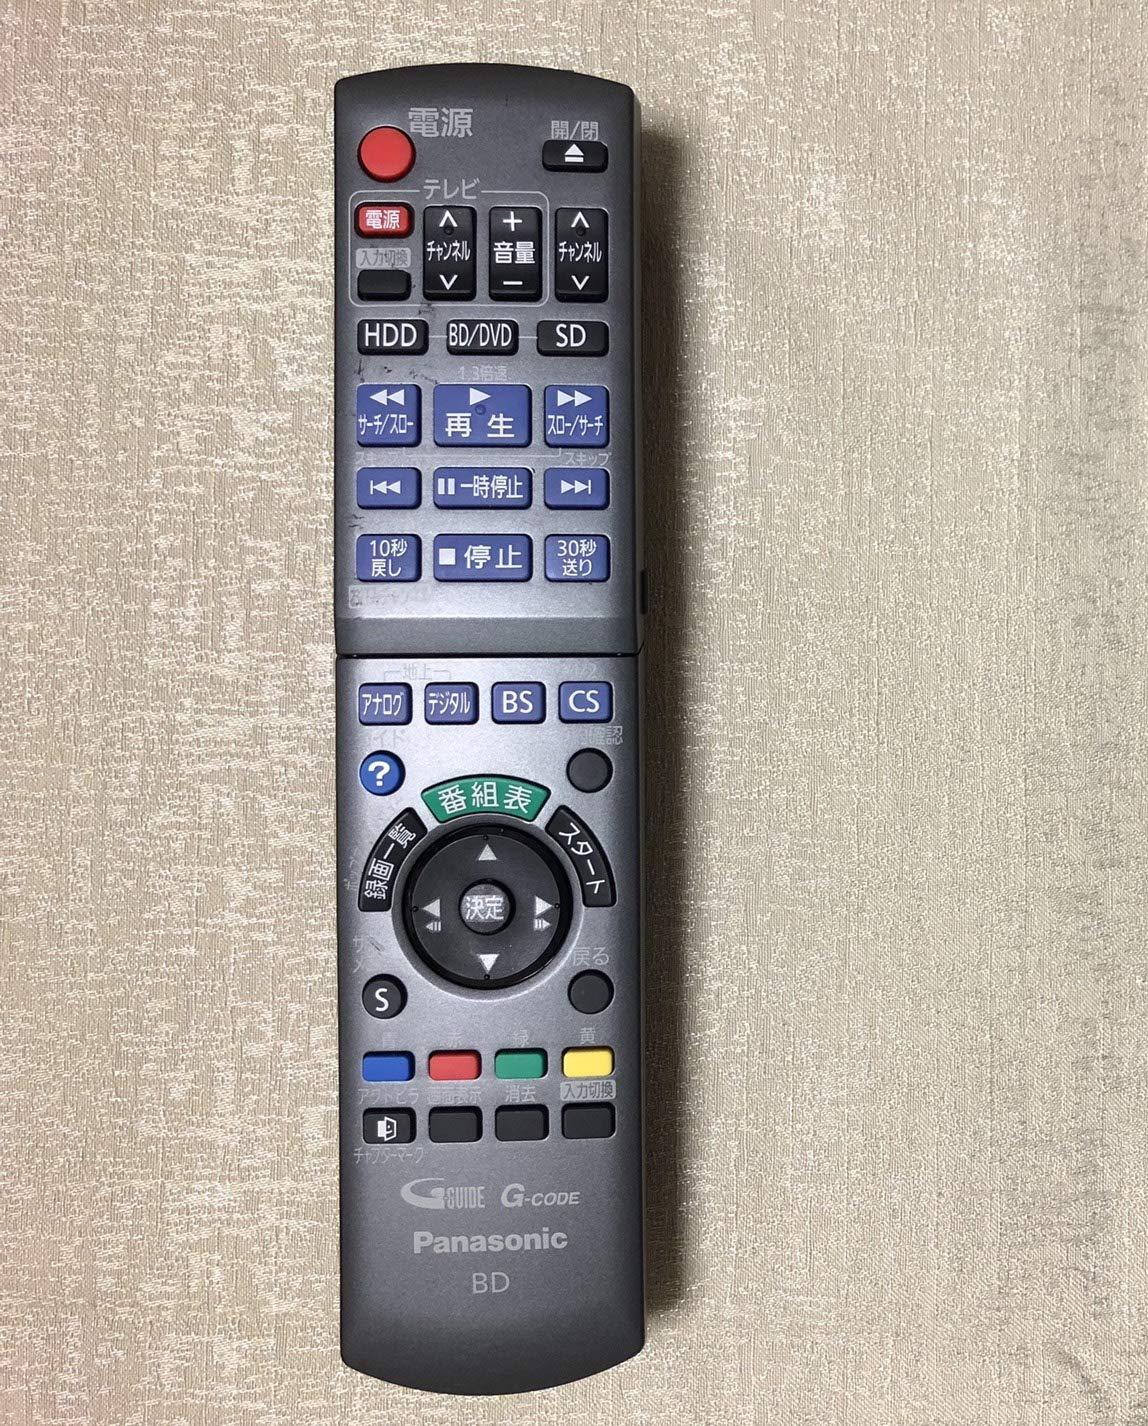 Panasonic ブルーレイディスクレコーダー用リモコン N2QAYB000346 product image